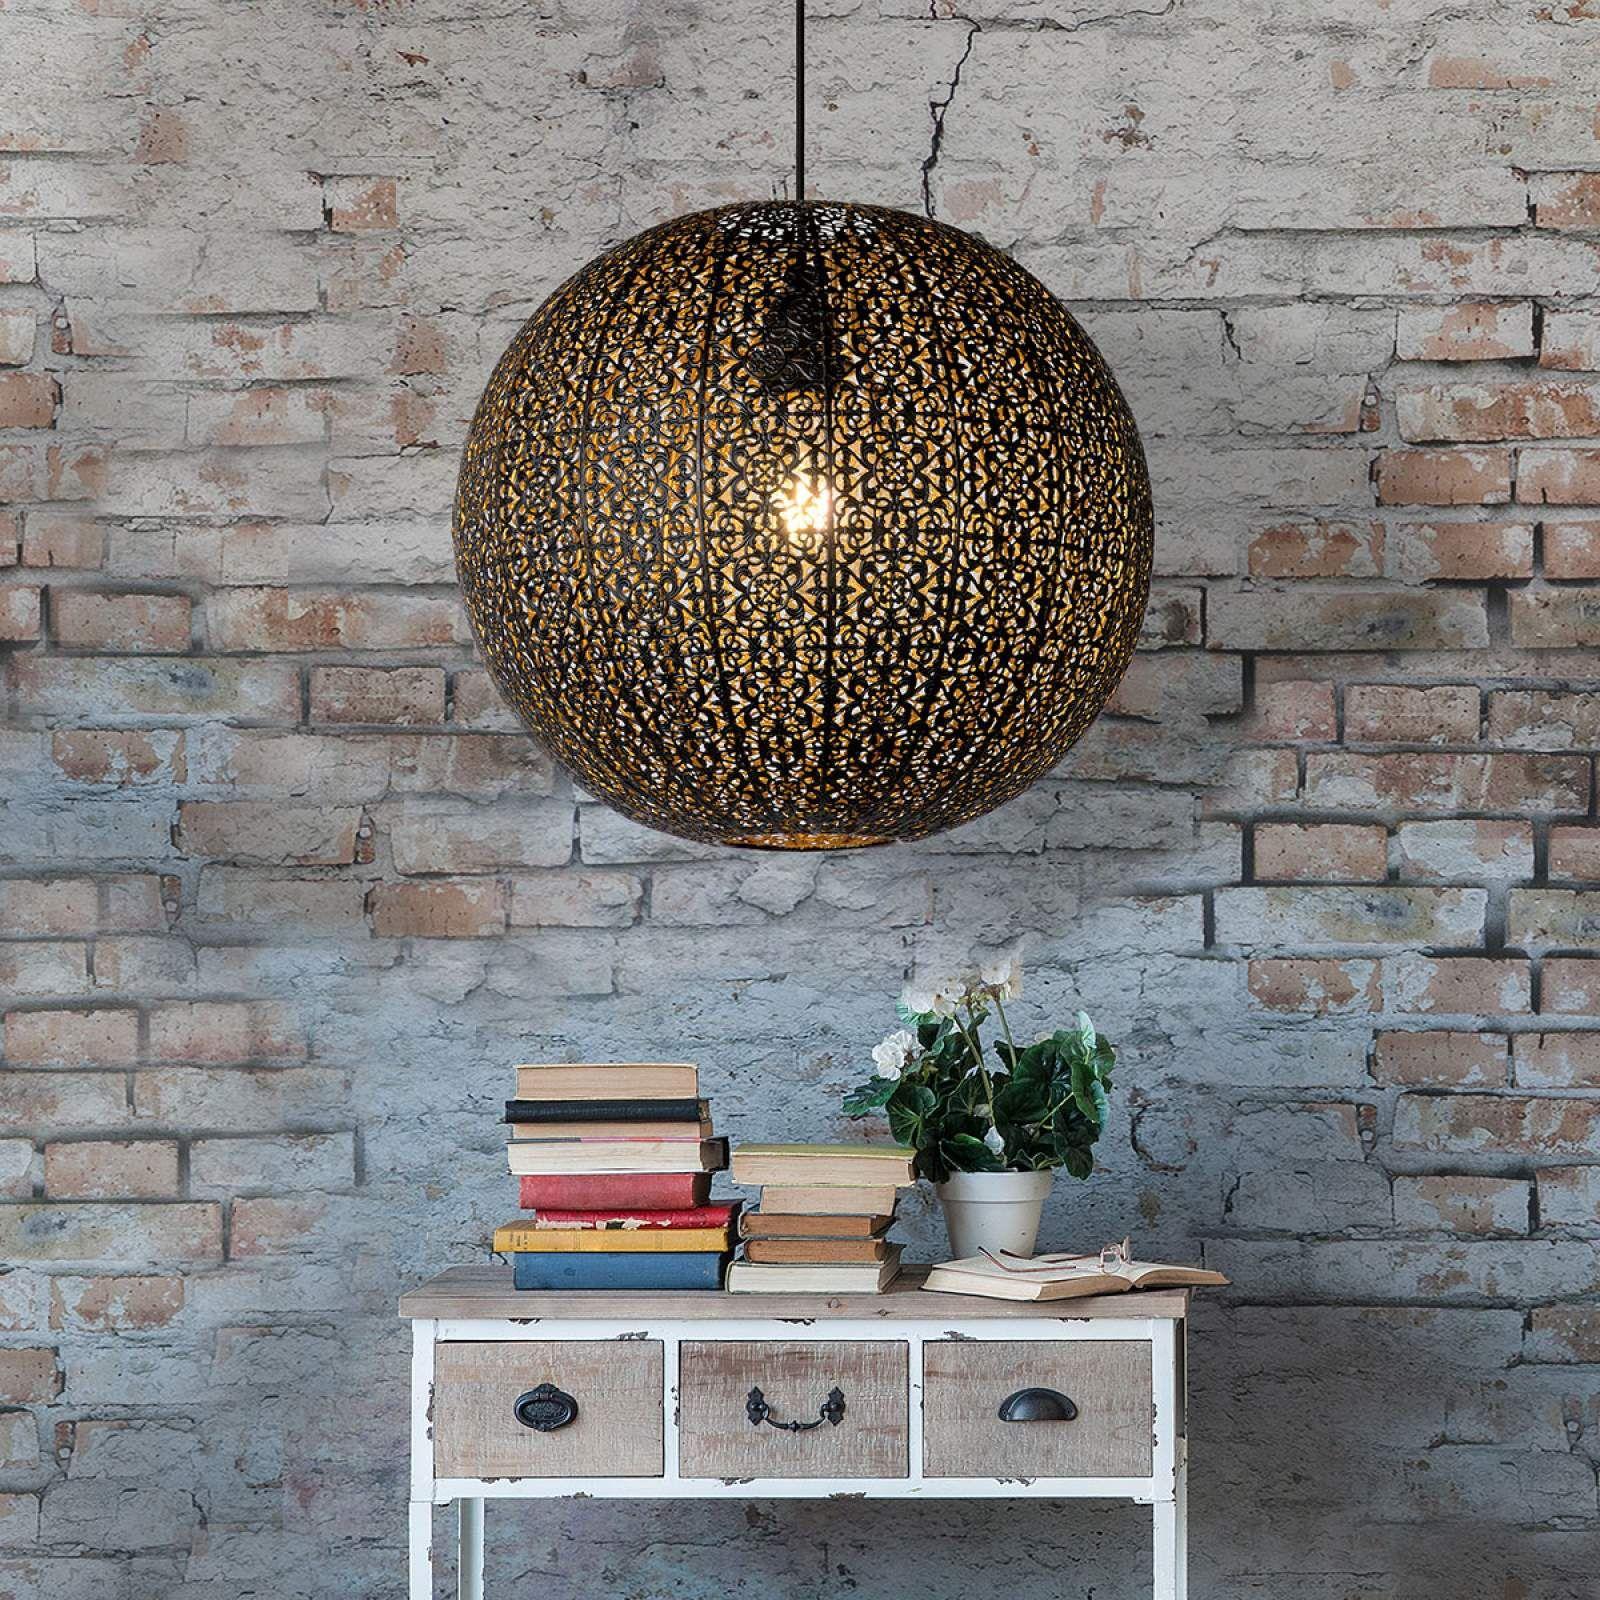 Tahar Orientalisch Gestaltete Pendelleuchte In 2020 Hangeleuchte Pendelleuchte Orientalische Lampen